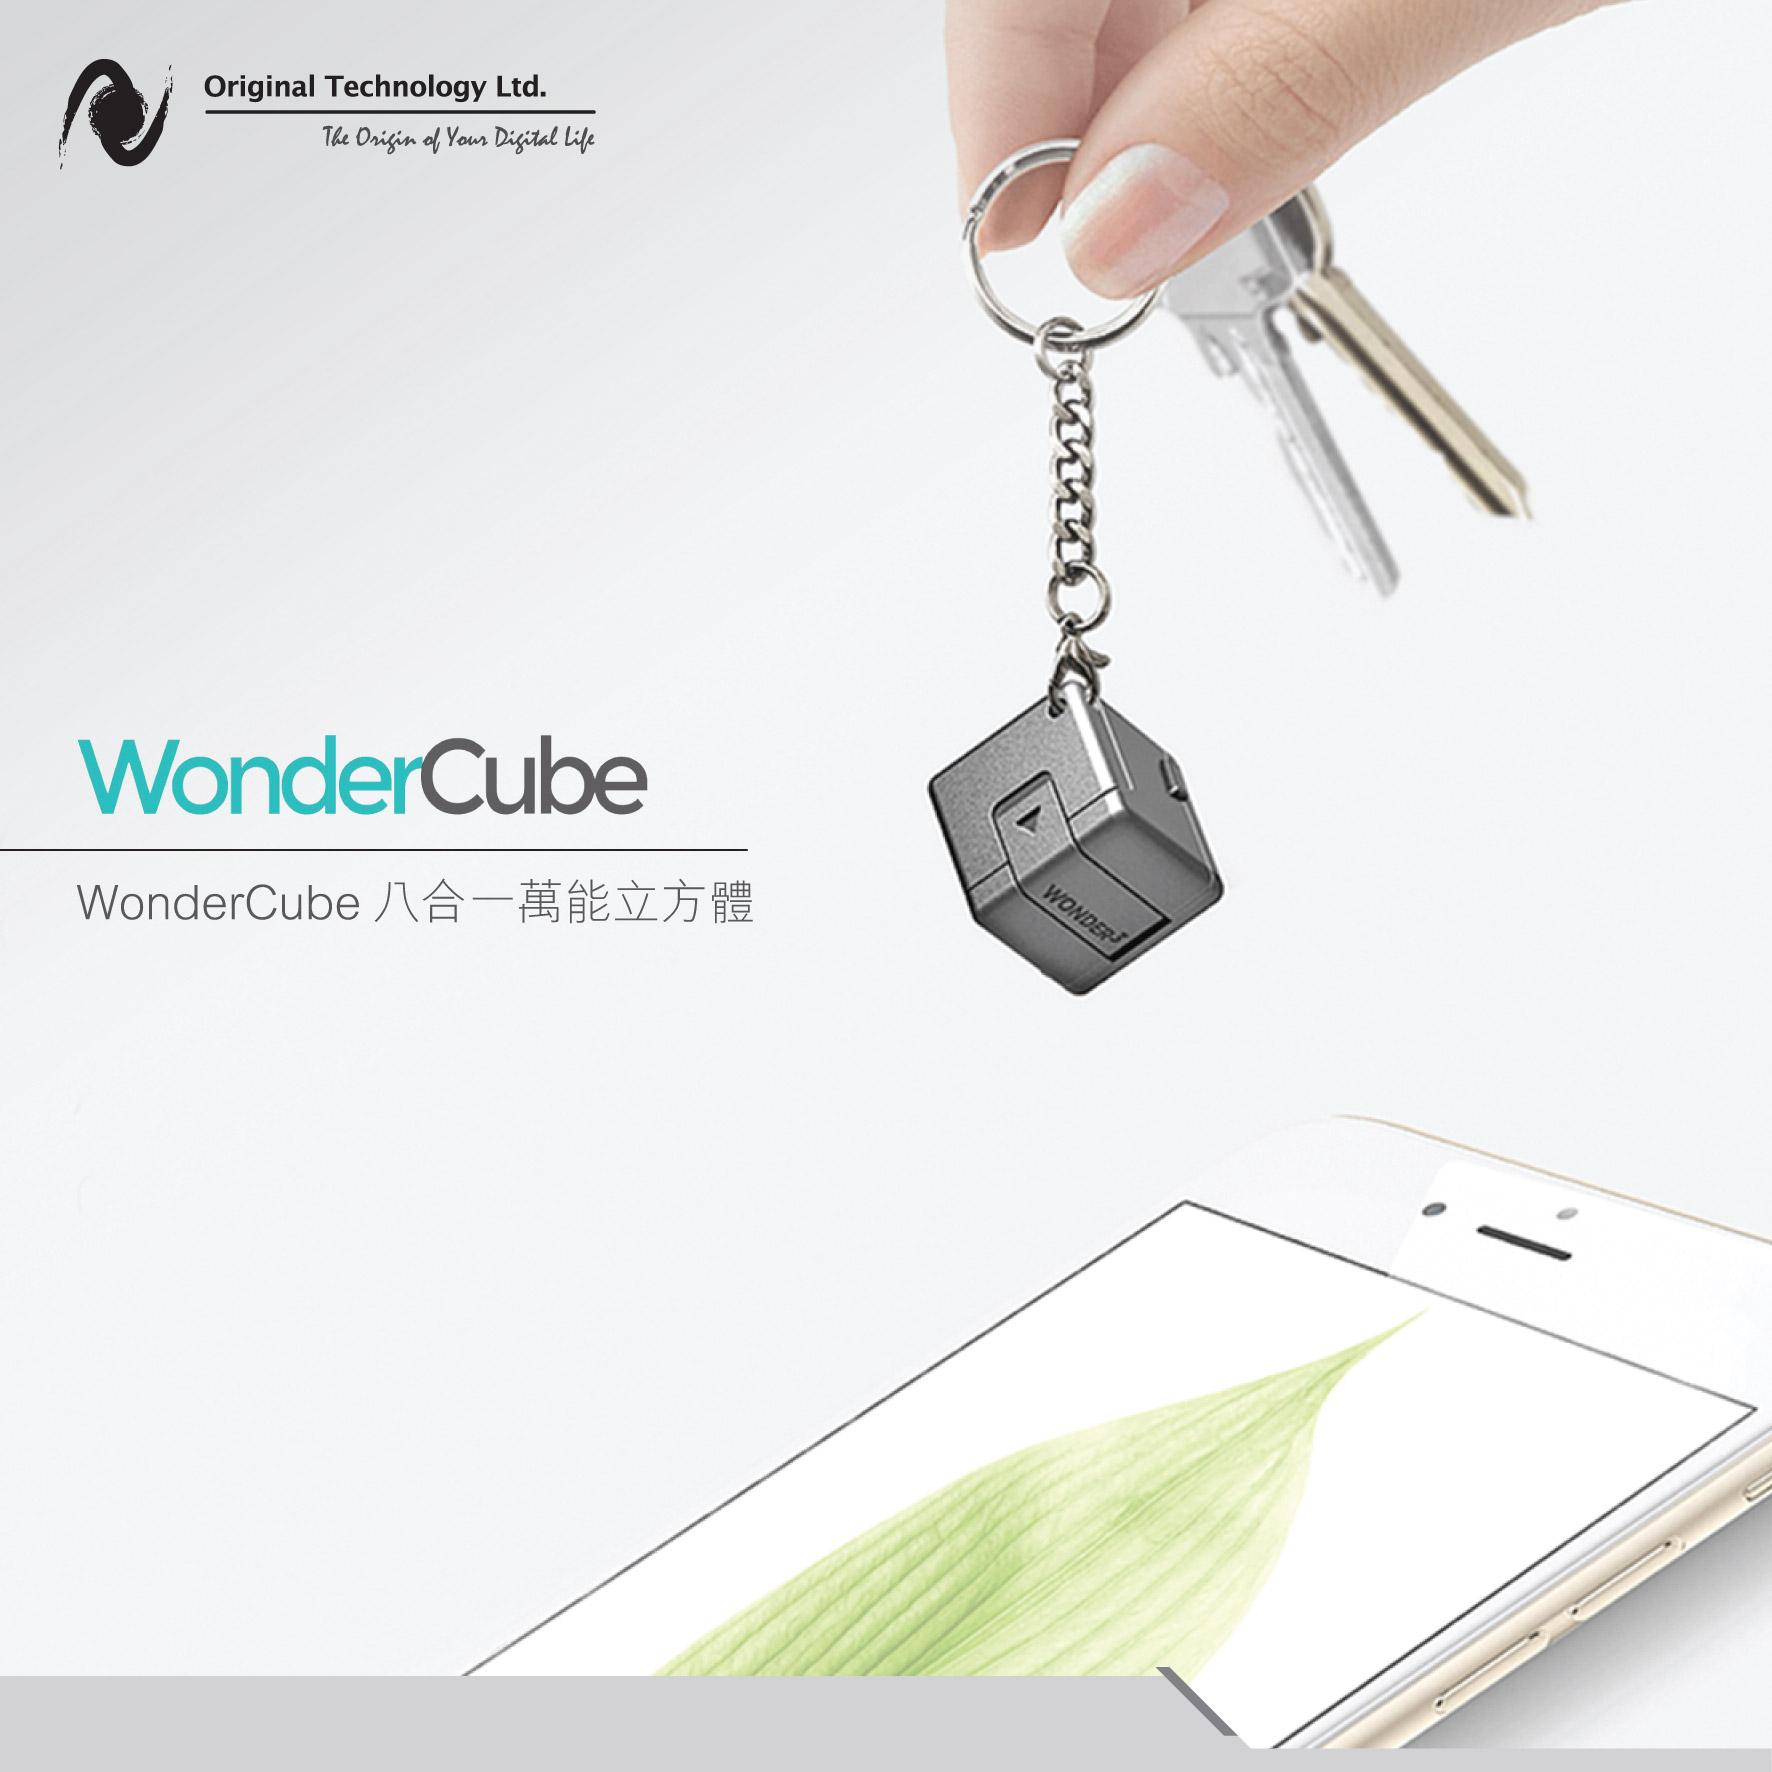 集八大功能於一立方體 – WonderCube